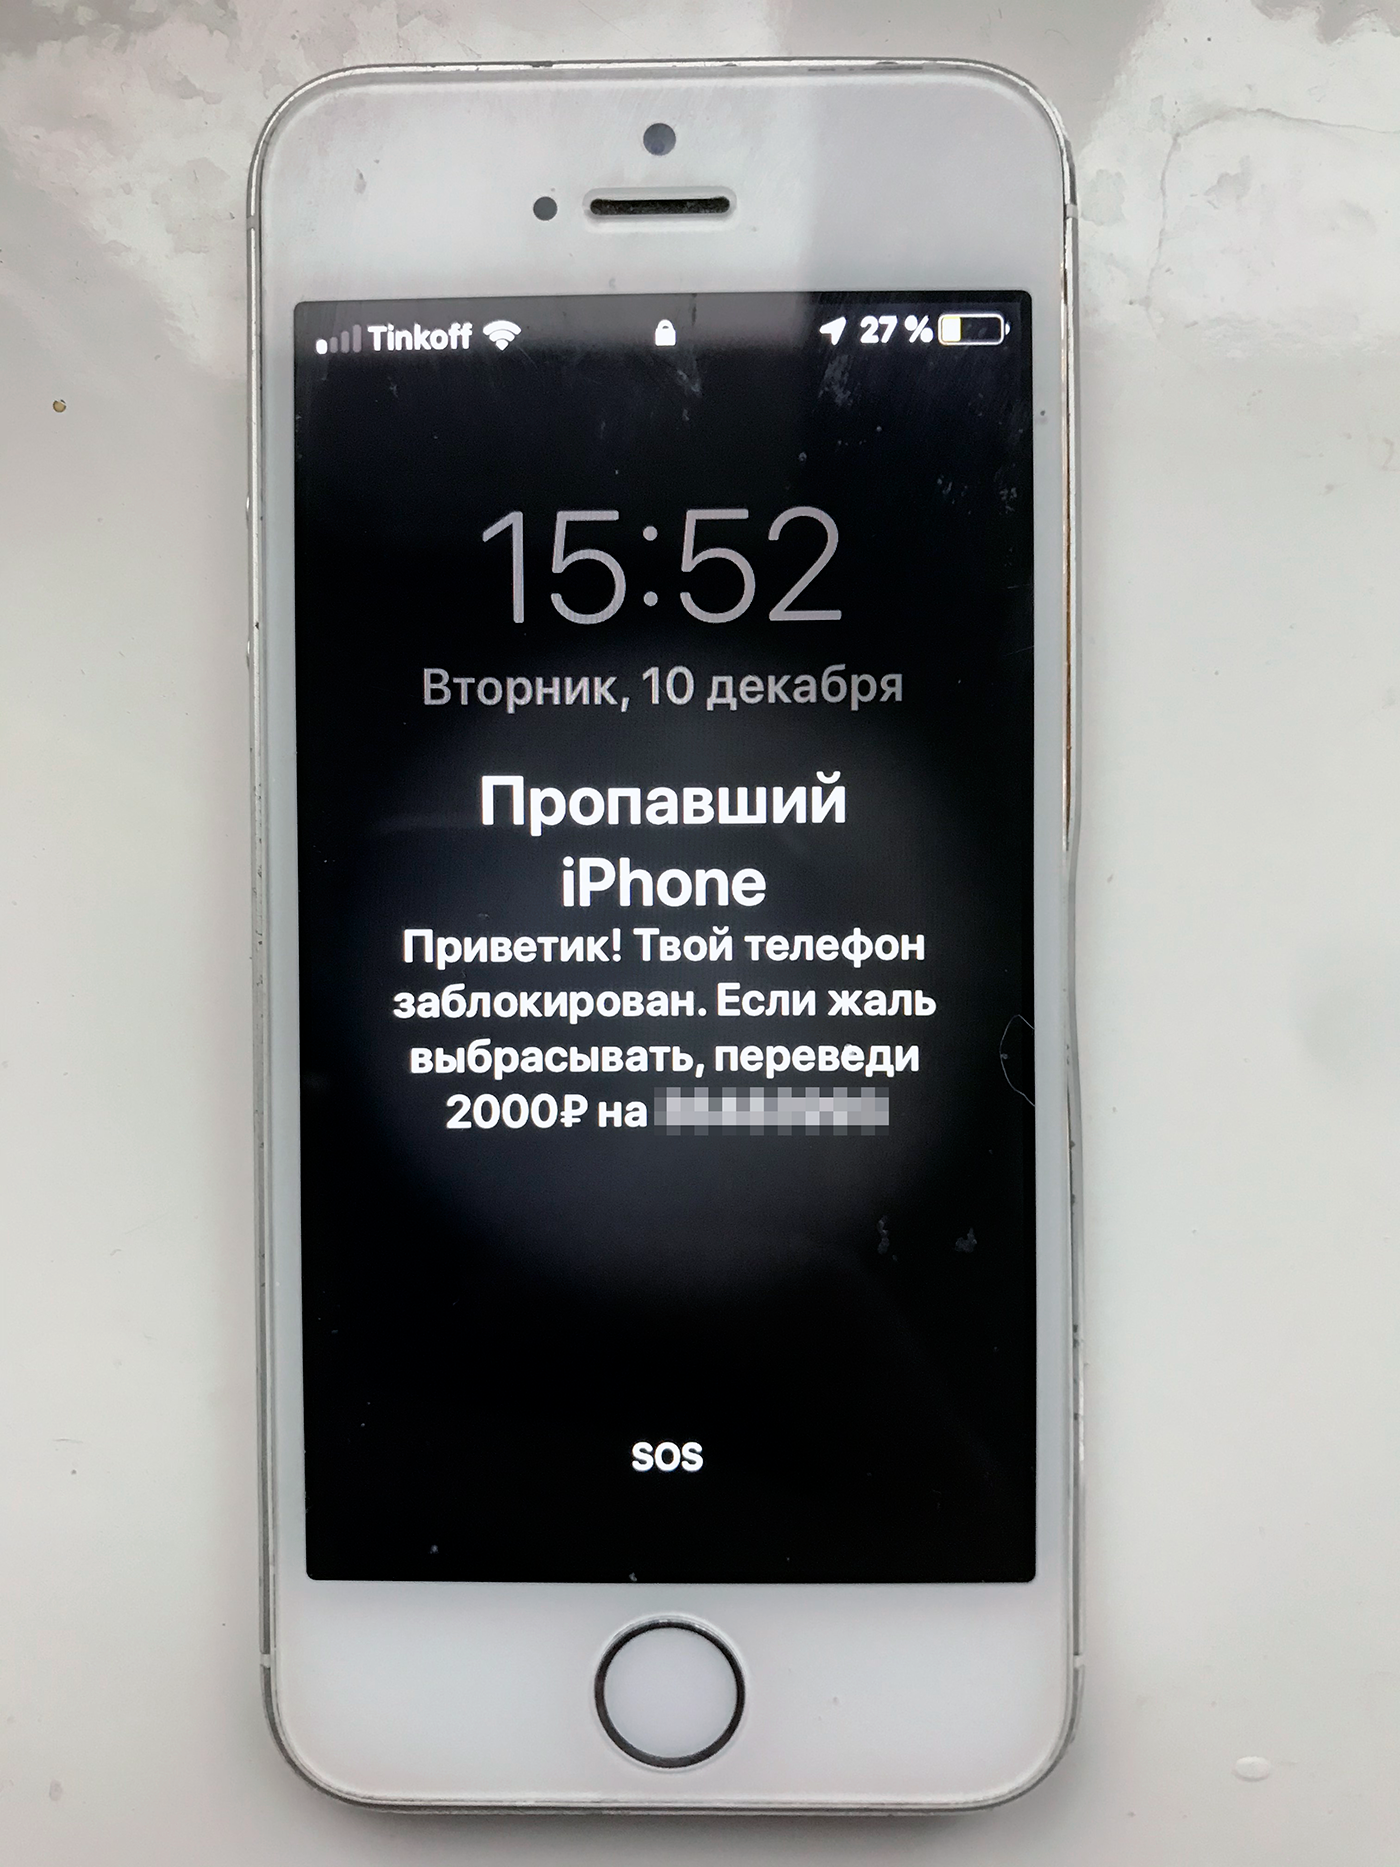 Если получите такое сообщение, не переводите деньги. Позвоните в техподдержку «Эпл» по телефону +7 495 580-95-57 — вам помогут восстановить доступ